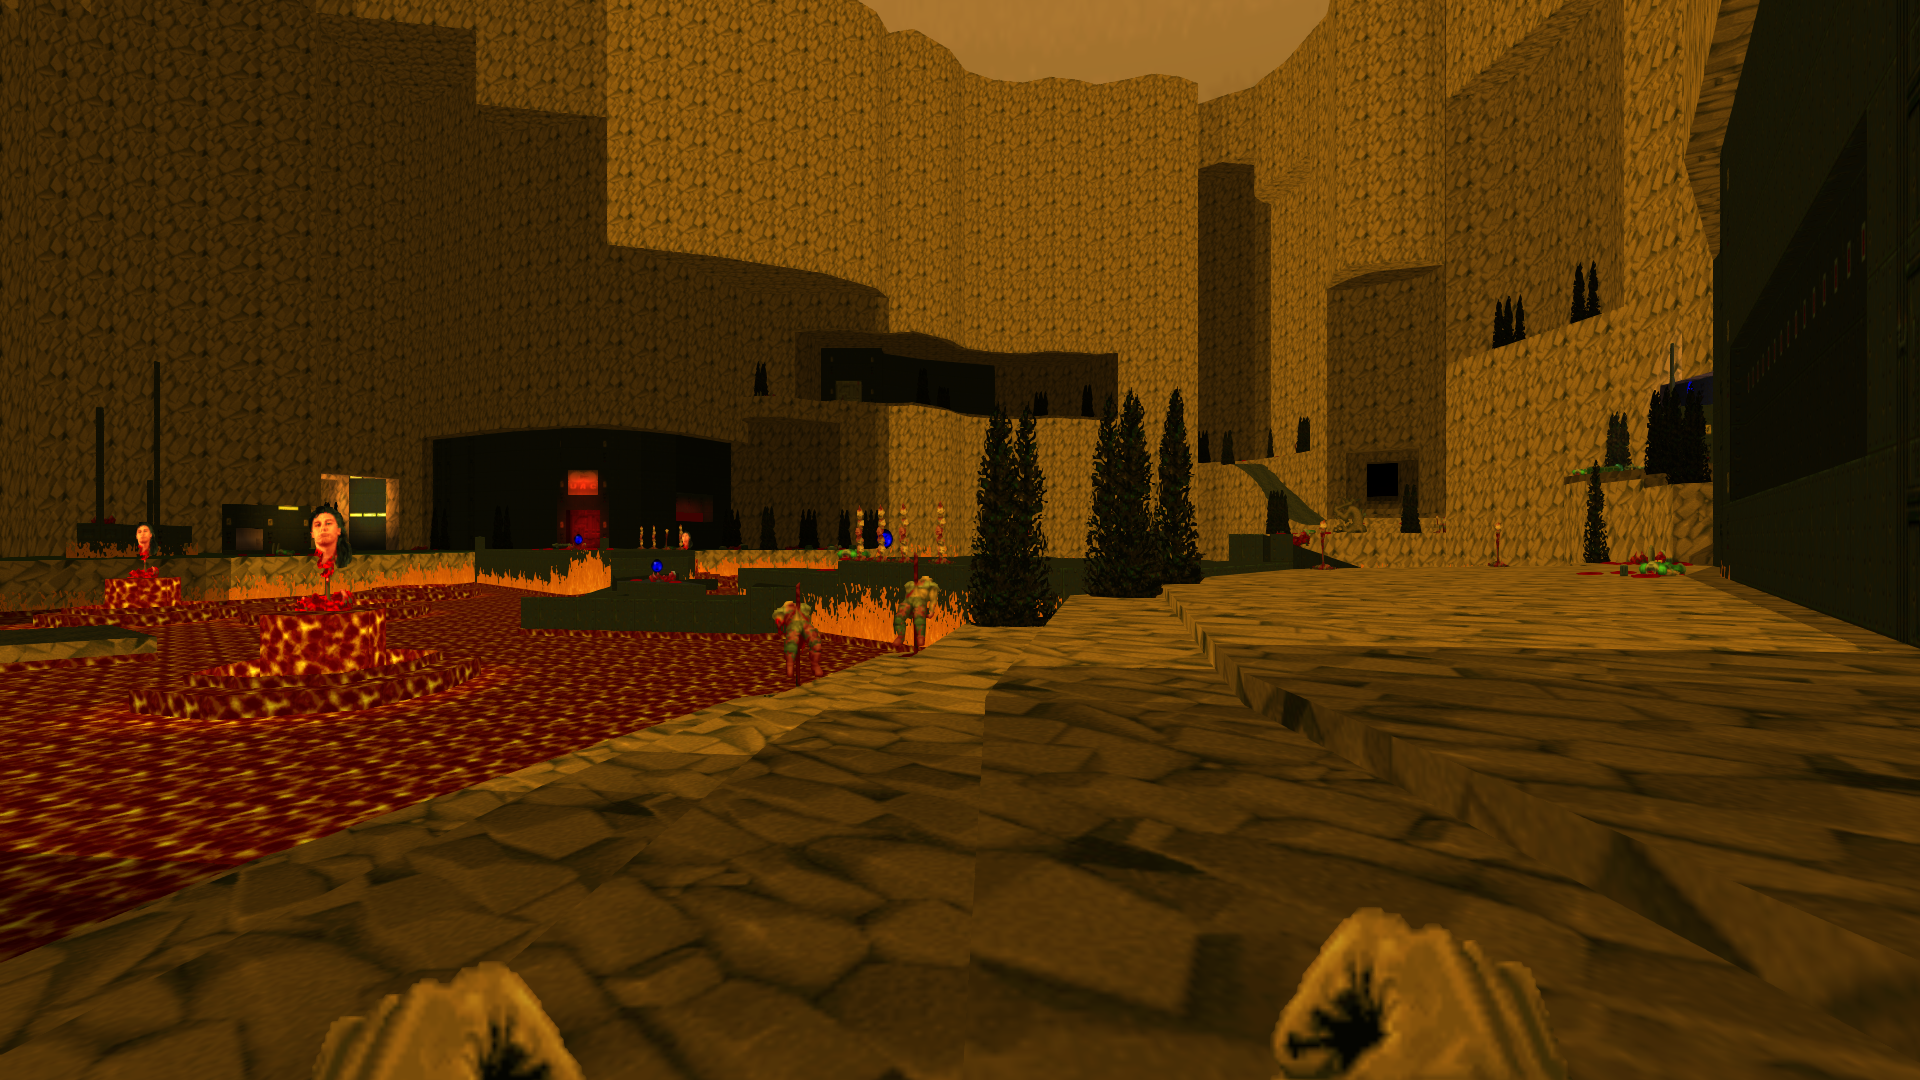 Doom 2 hell on earth wad download